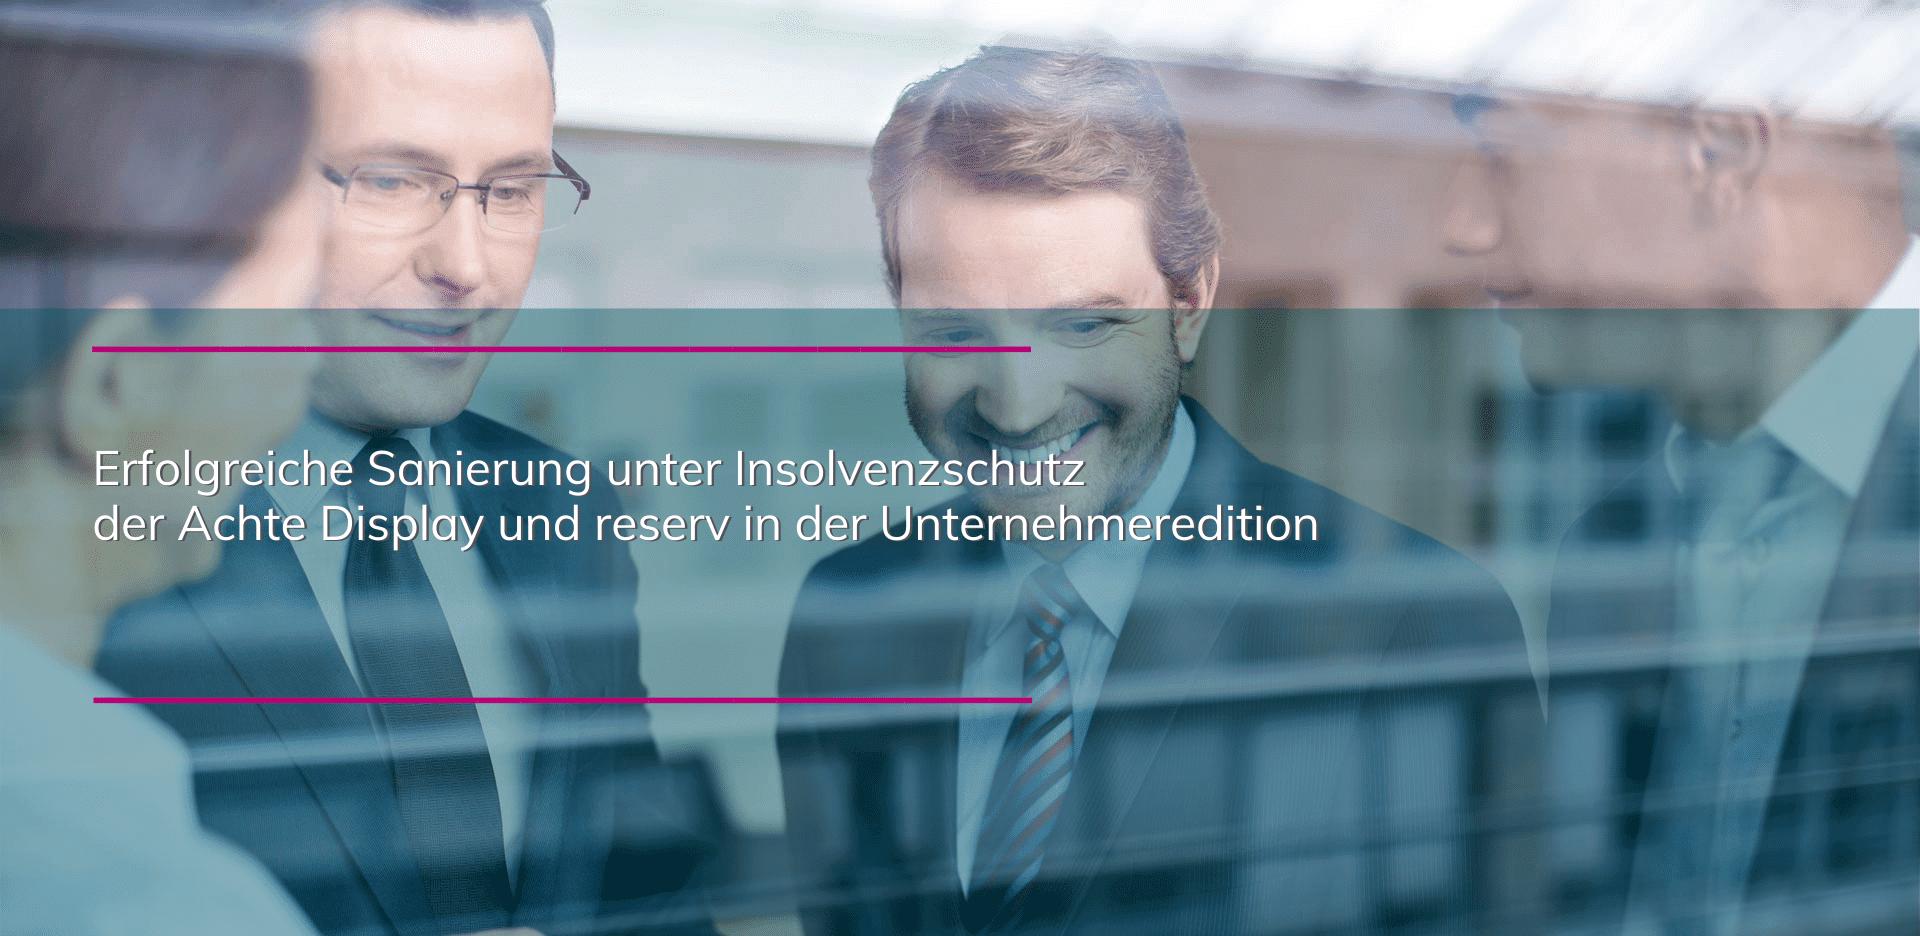 Erfolgreiche Sanierung unter Insolvenzschutz der Achte Display und reserv in der Unternehmeredition